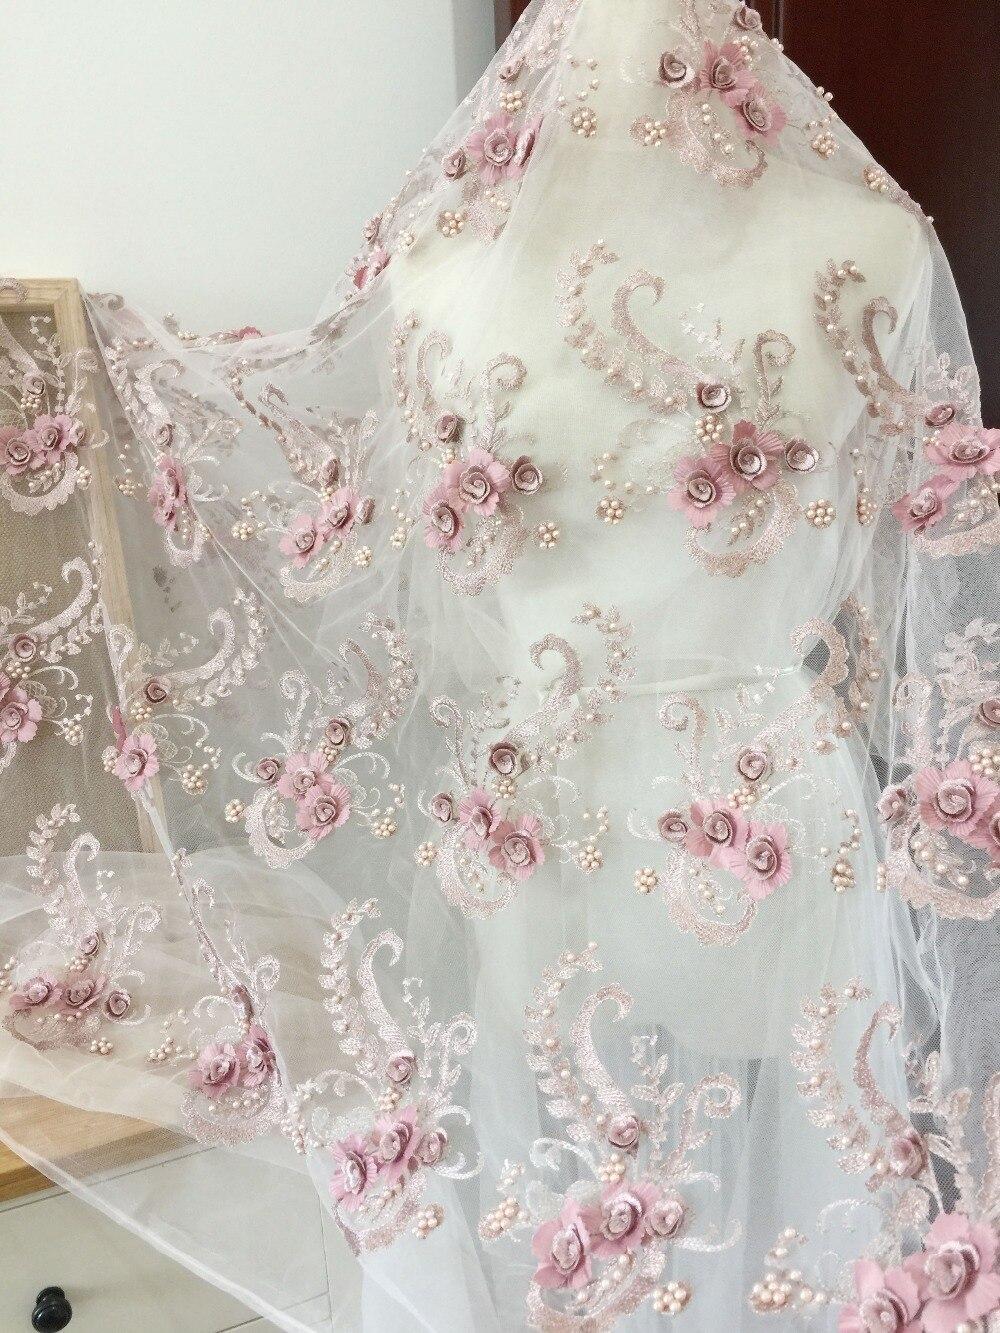 한 야드 절묘한 3d 무겁게 진주 페르시 꽃 레이스 패브릭 먼지 핑크, 꽃 꽃 레이스 패브릭 드레스 오트 couture-에서직물부터 홈 & 가든 의  그룹 1